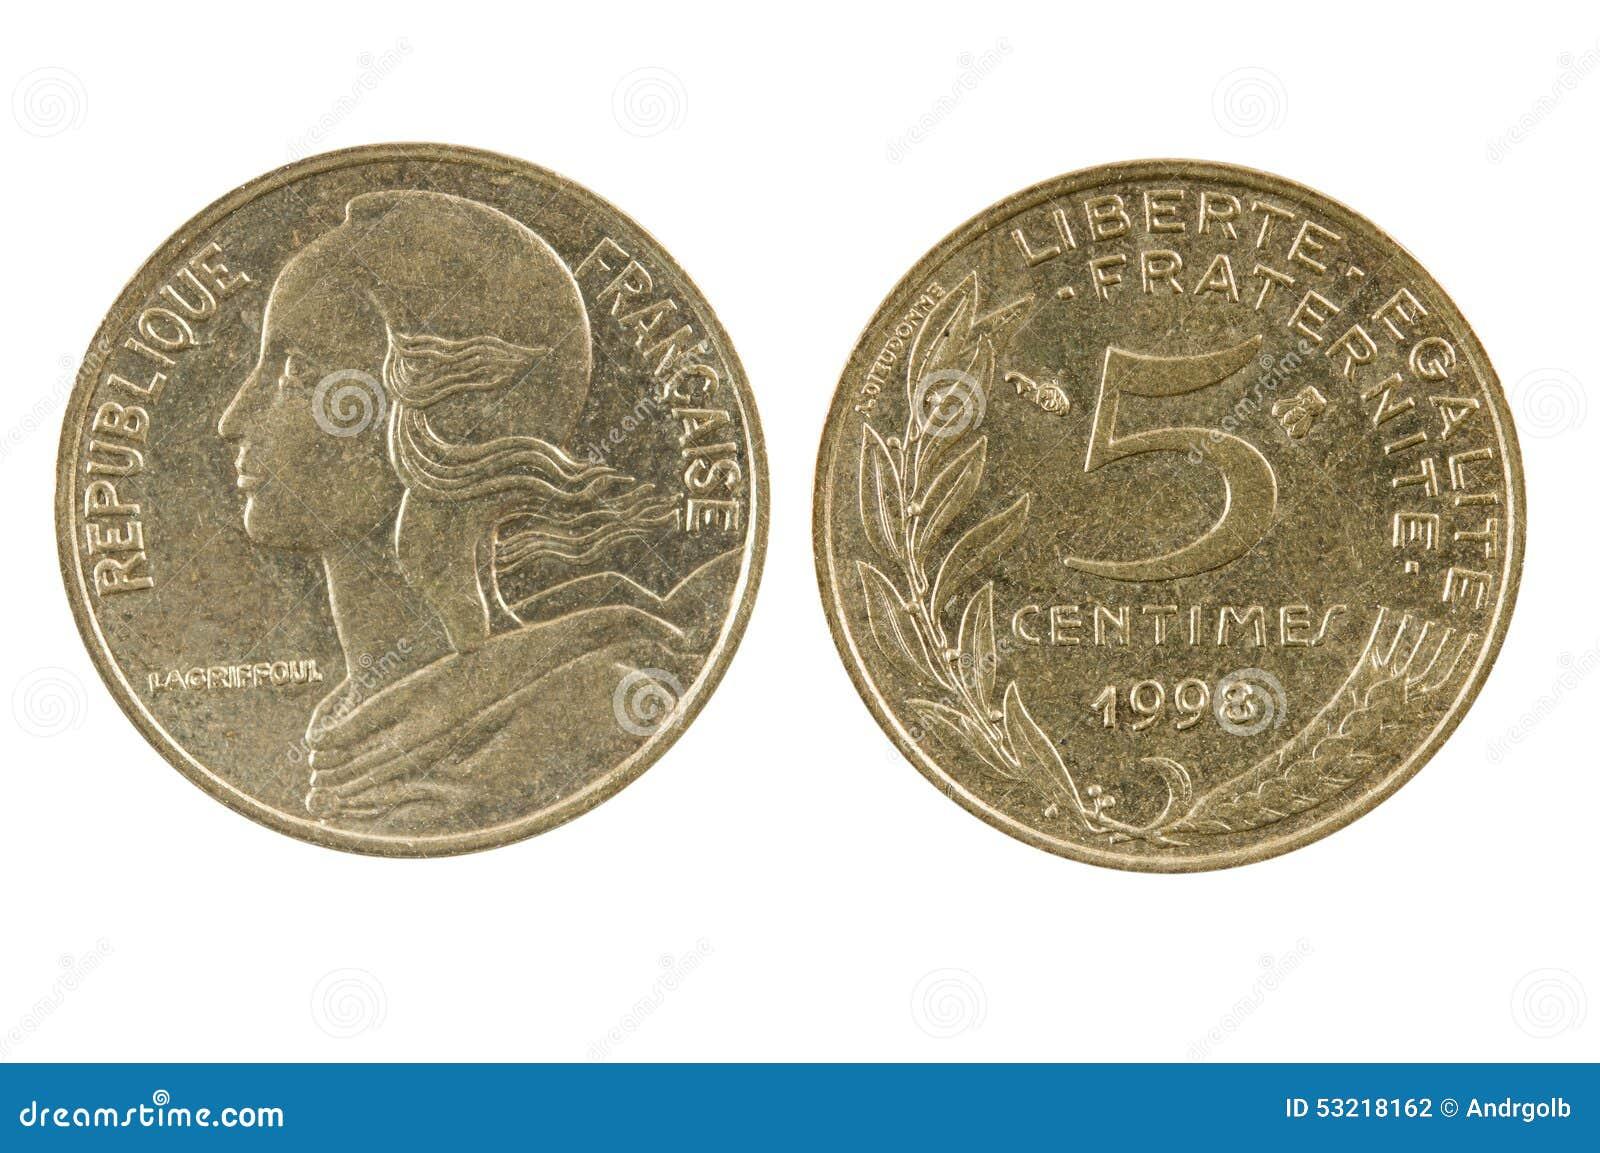 Franzosen 1998 Fünf 5 Centime Münze Stockfoto Bild Von Geschäft